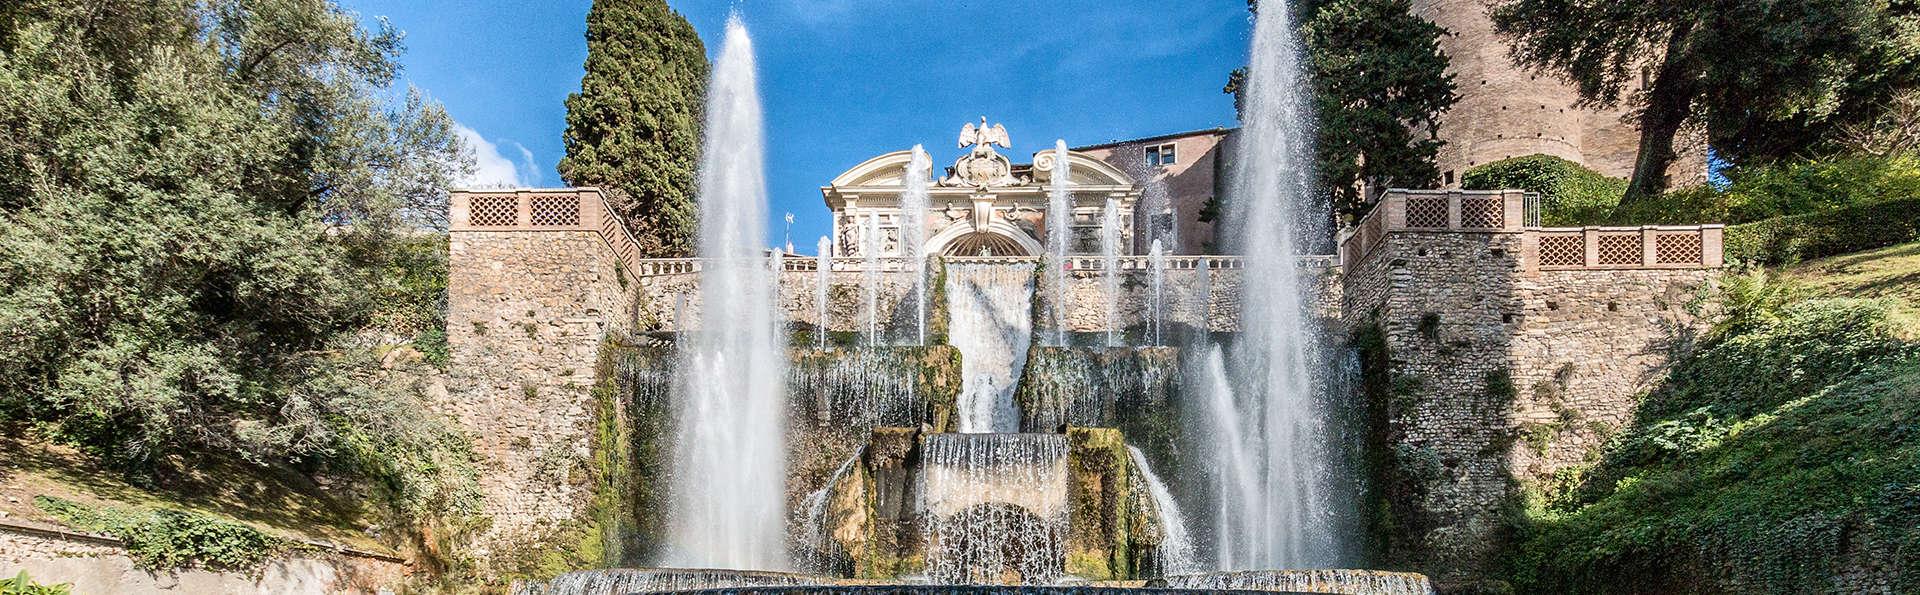 Deux nuits à Tivoli, dans un château avec une superbe piscine et vue sur les cascades